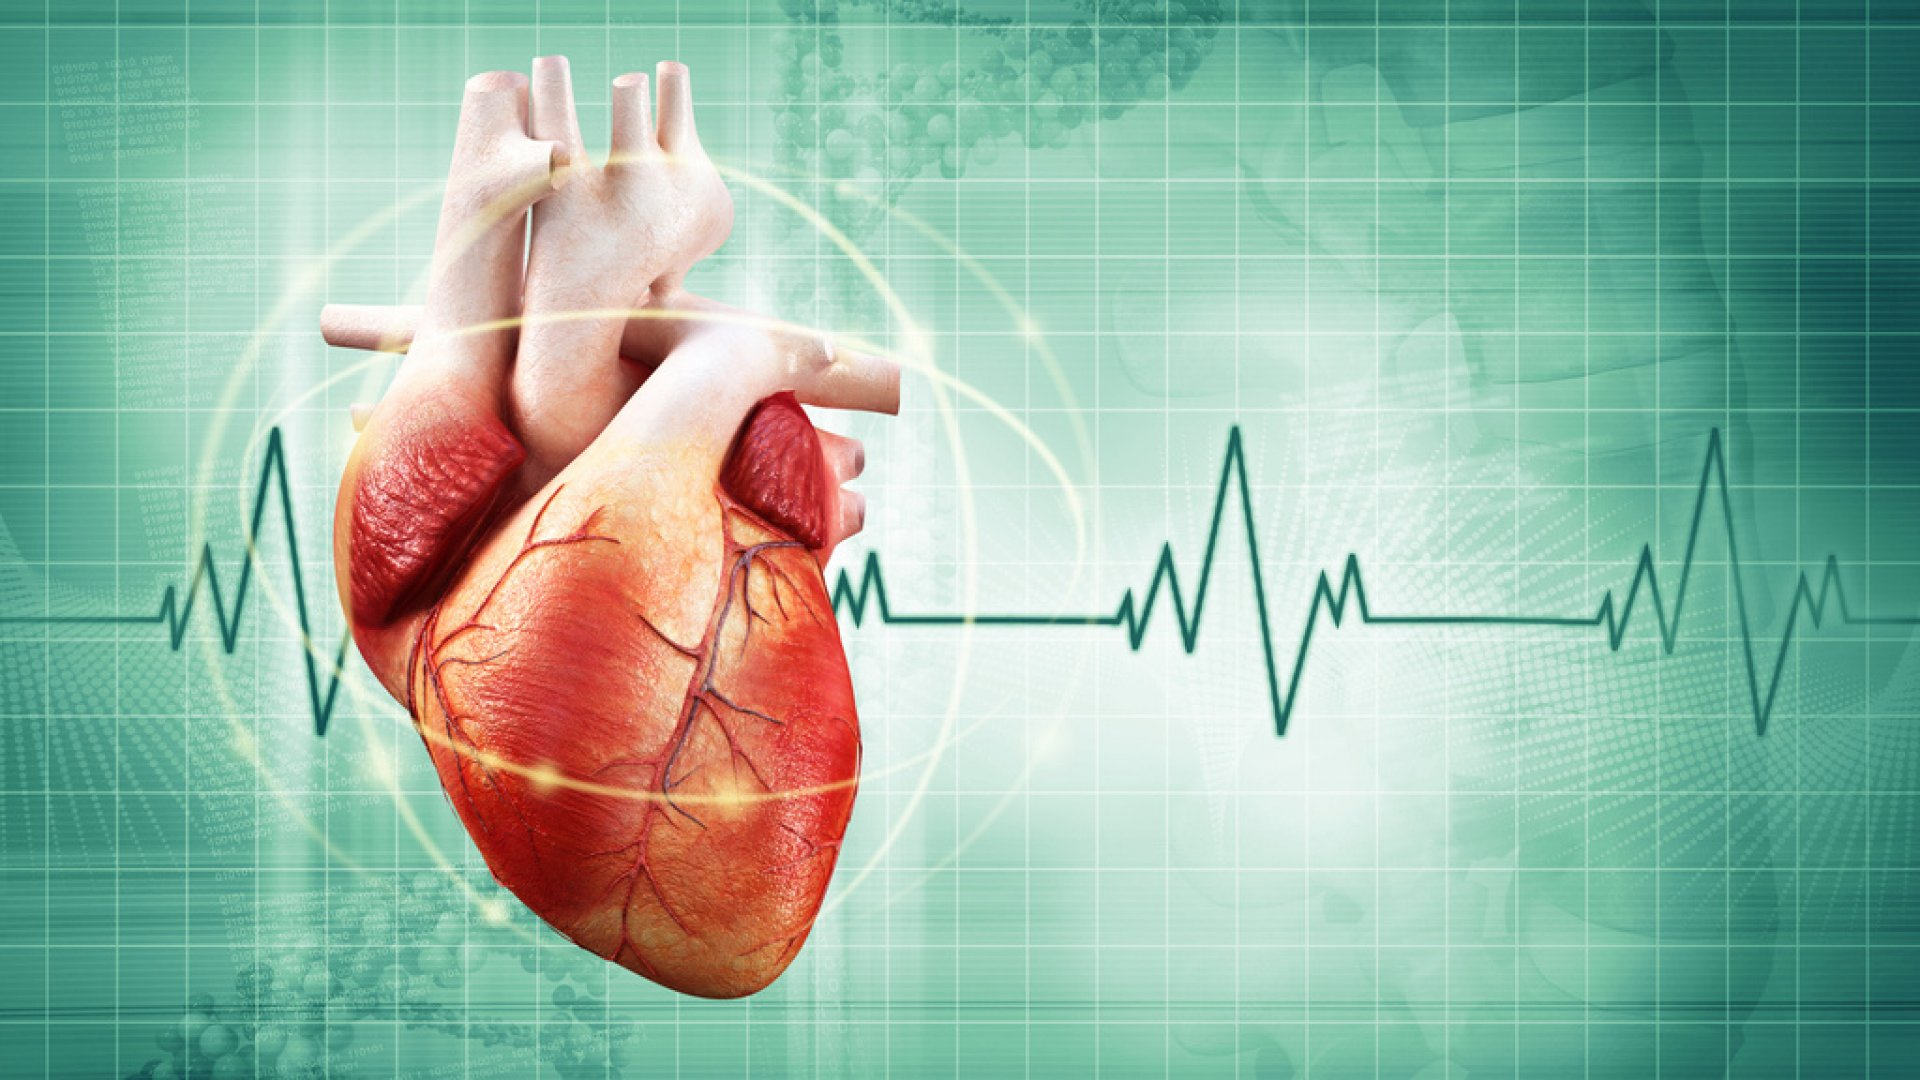 Aritmia cardiacă: Simptome, cauze, factori de risc